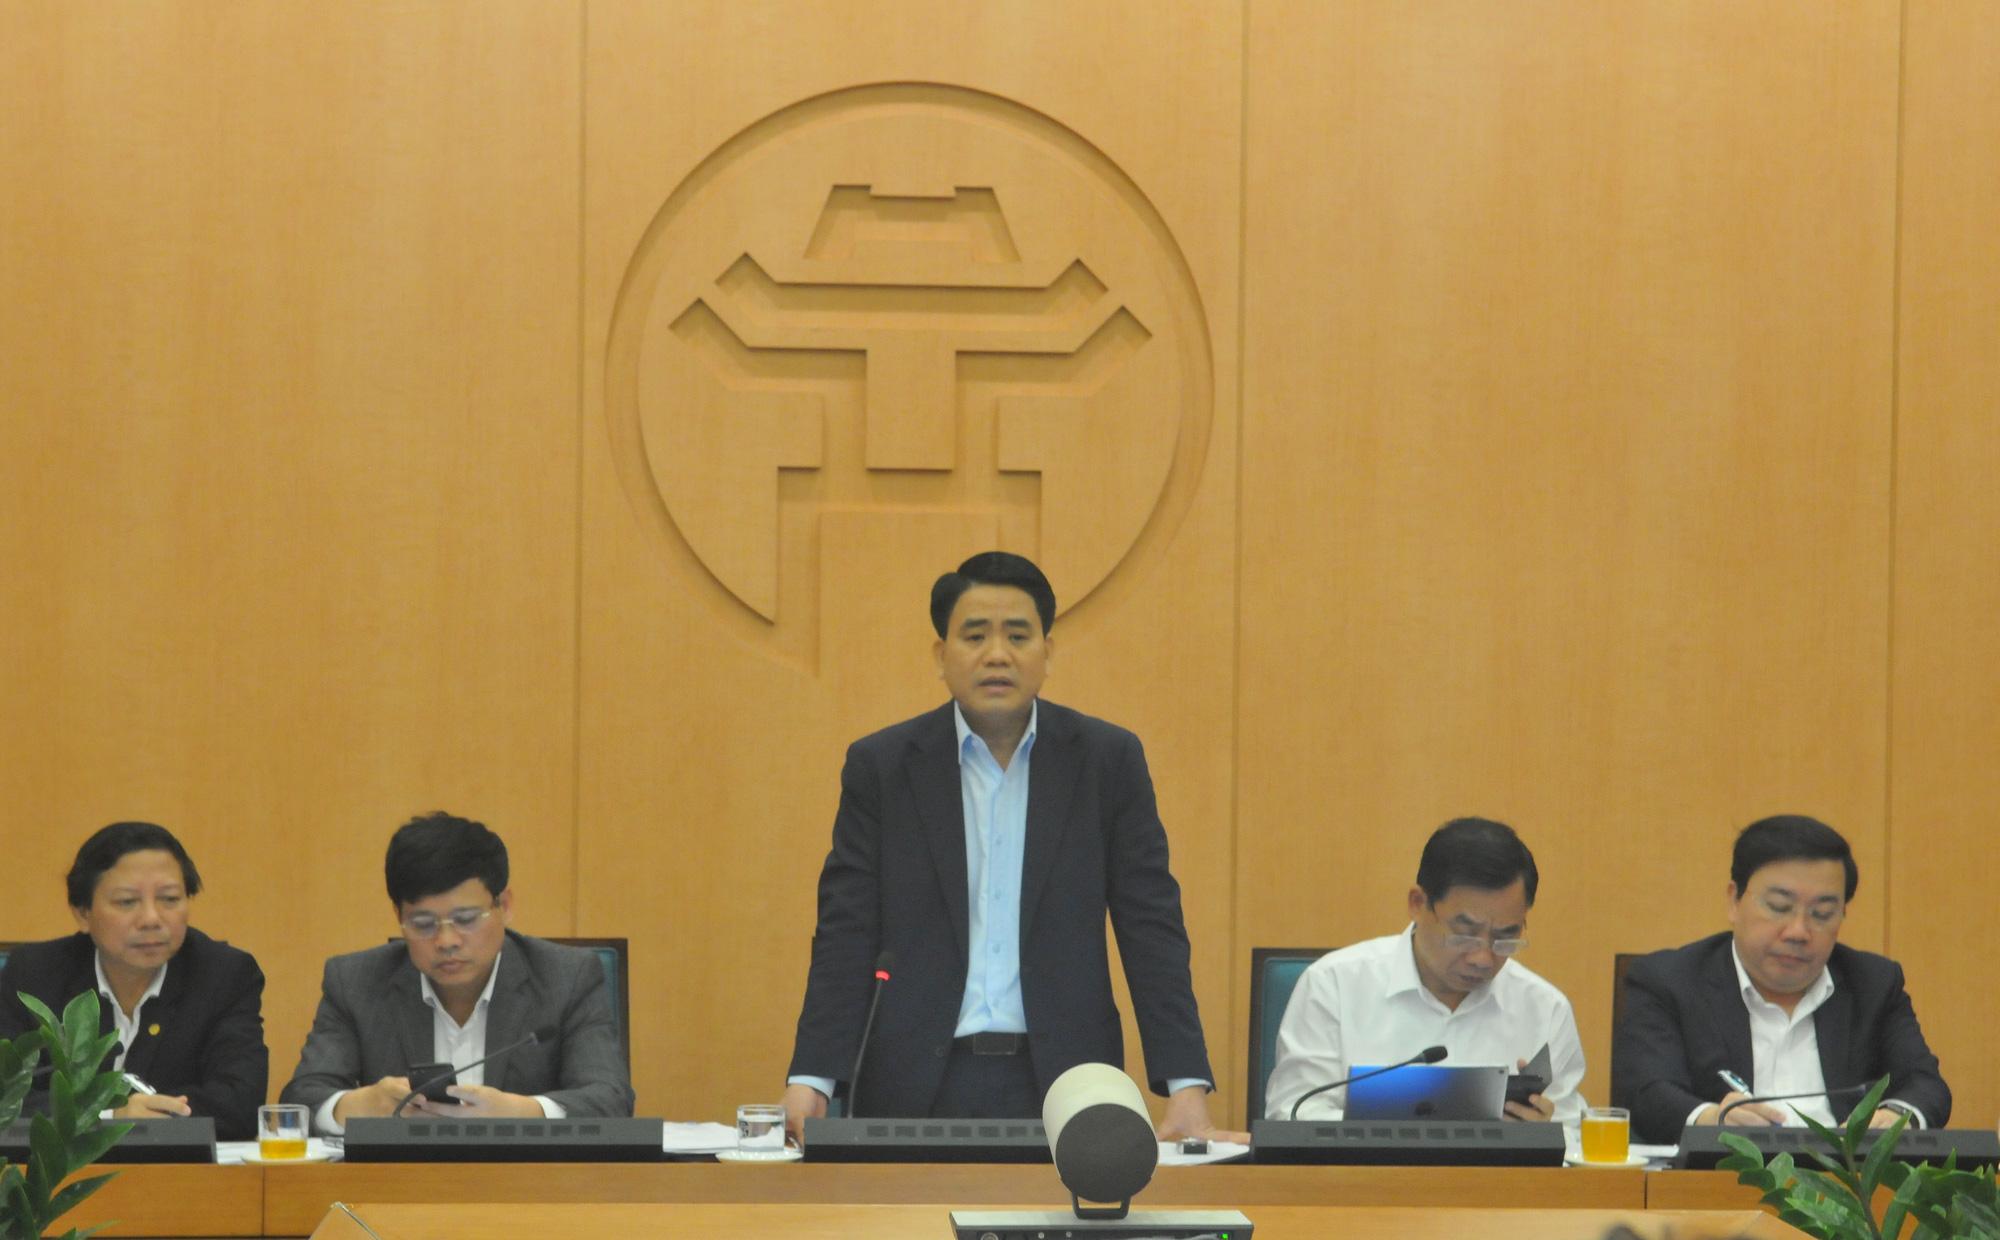 Chủ tịch Hà Nội: Diễn biến COVID-19 trên địa bàn phức tạp, không loại trừ khả năng có ca nhiễm mới - Ảnh 1.